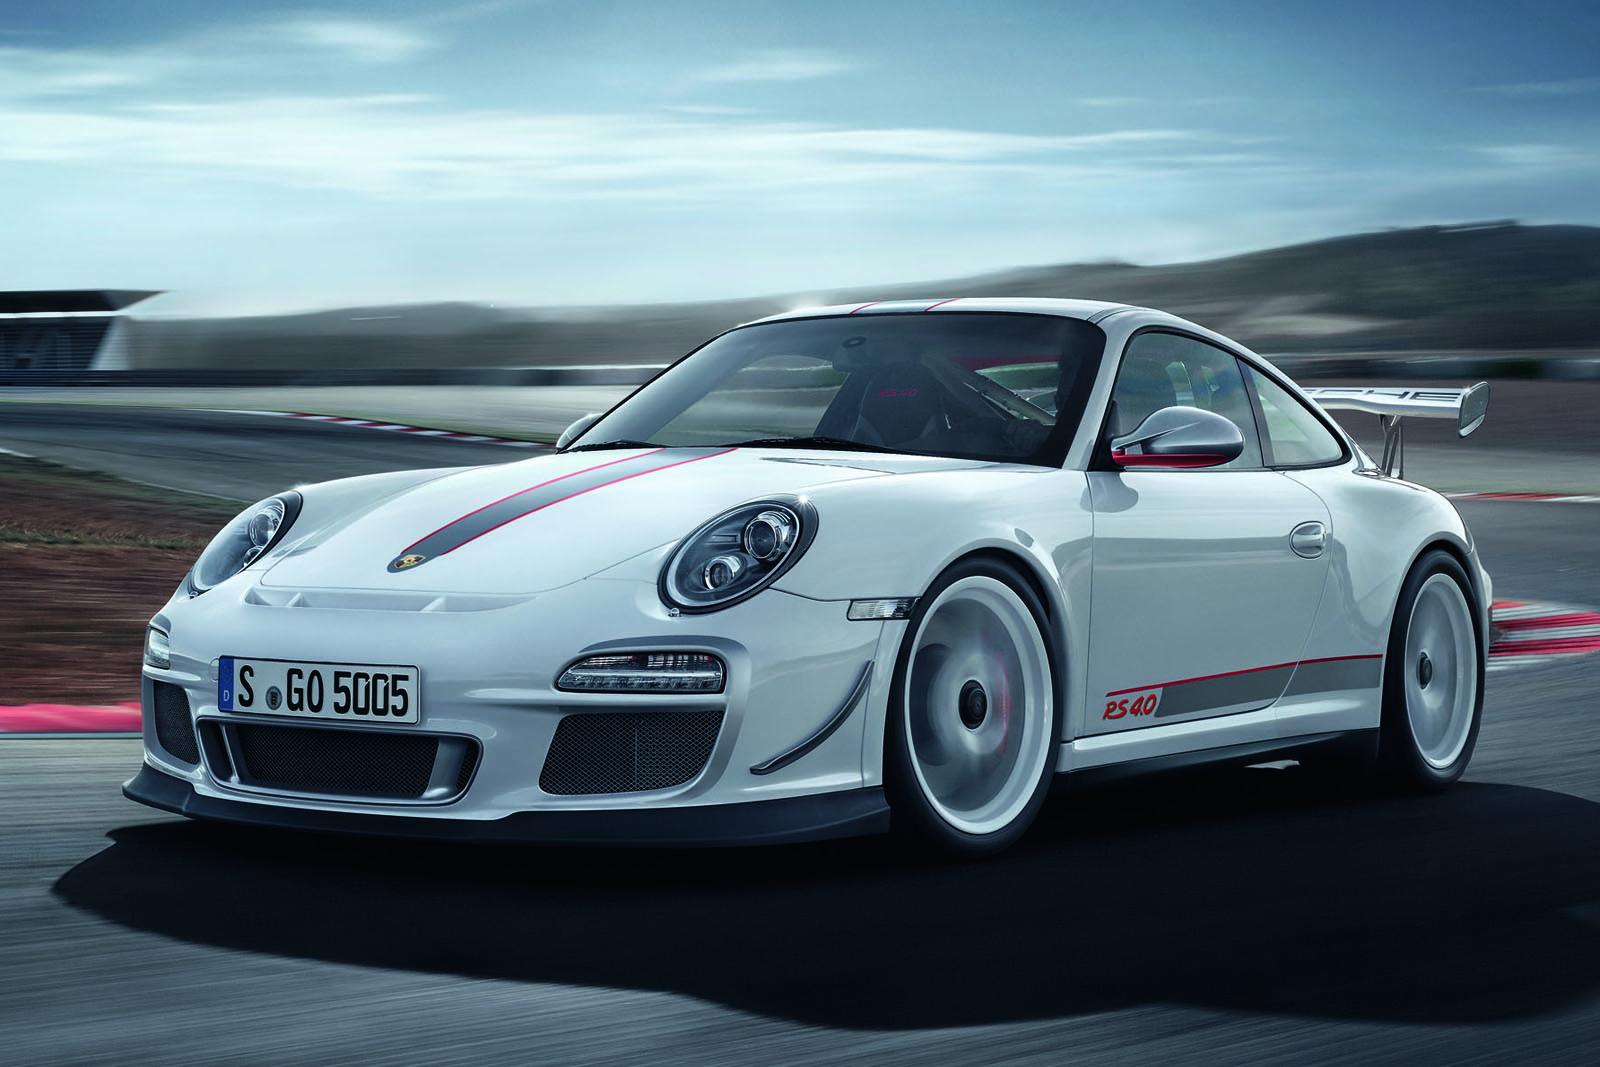 Porsche 911 Gt3 Rs 40 12 Forcegt Com